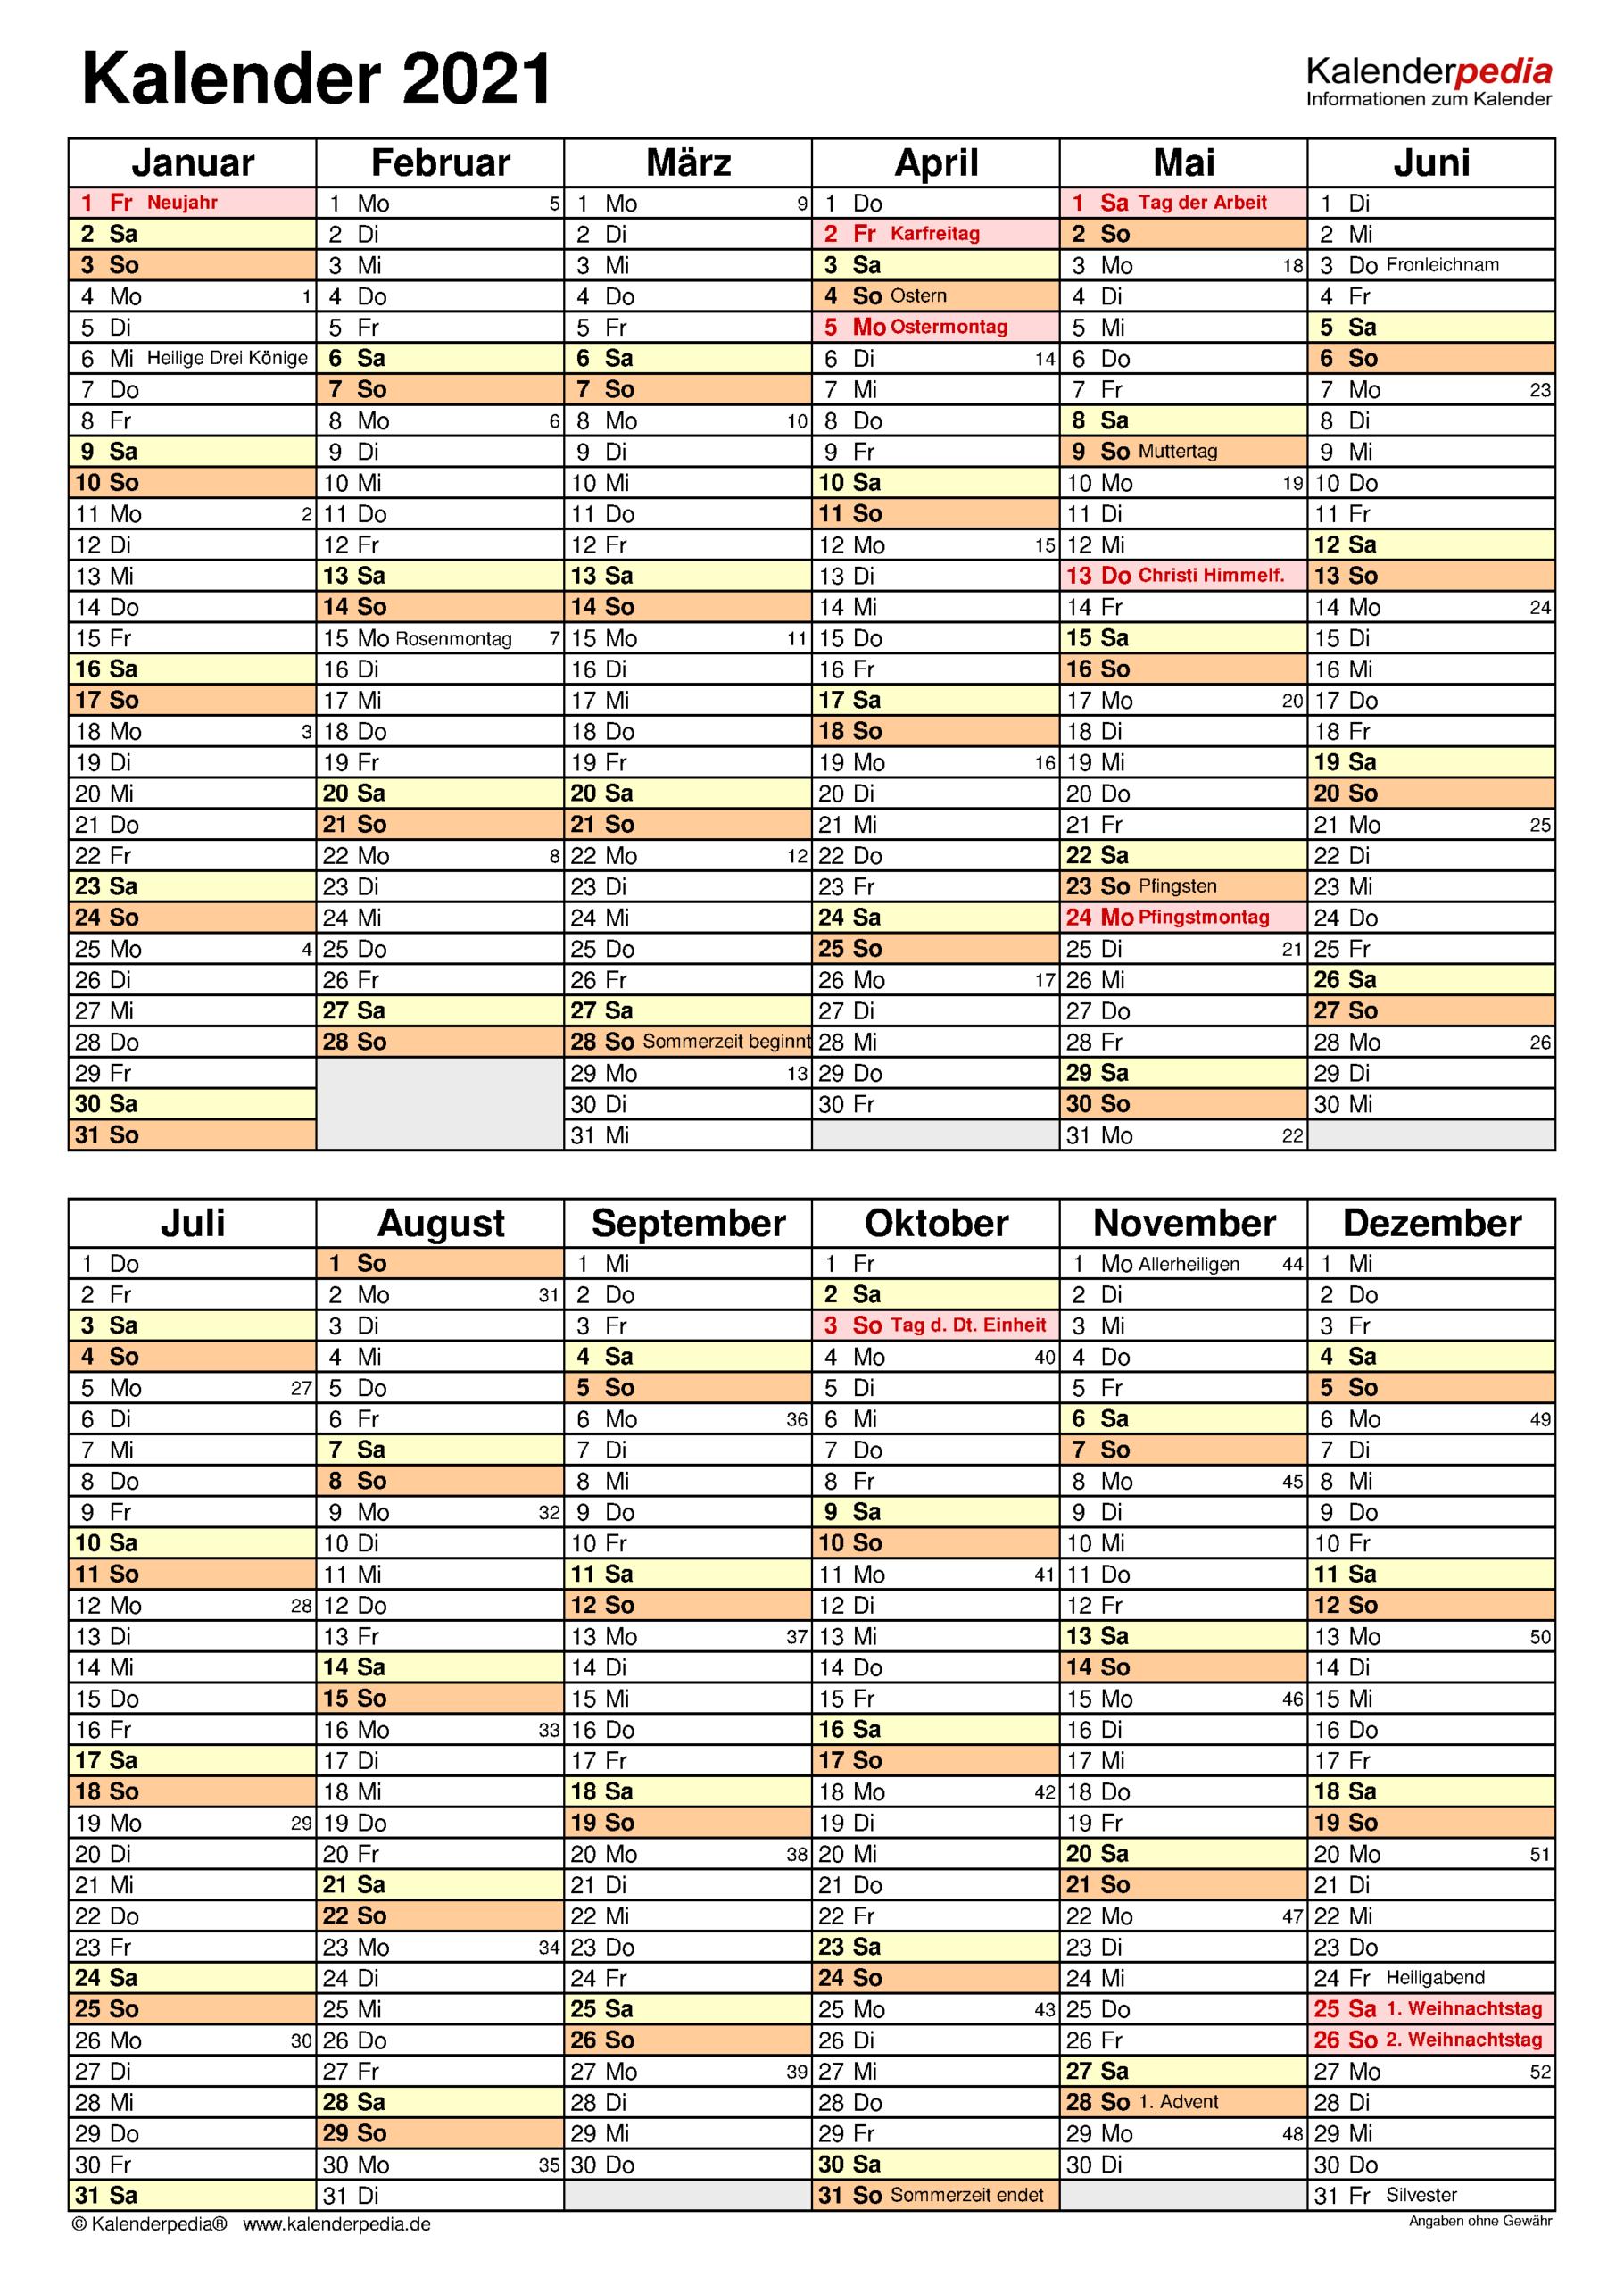 Kalender 2021 Zum Ausdrucken Als Pdf (19 Vorlagen, Kostenlos)